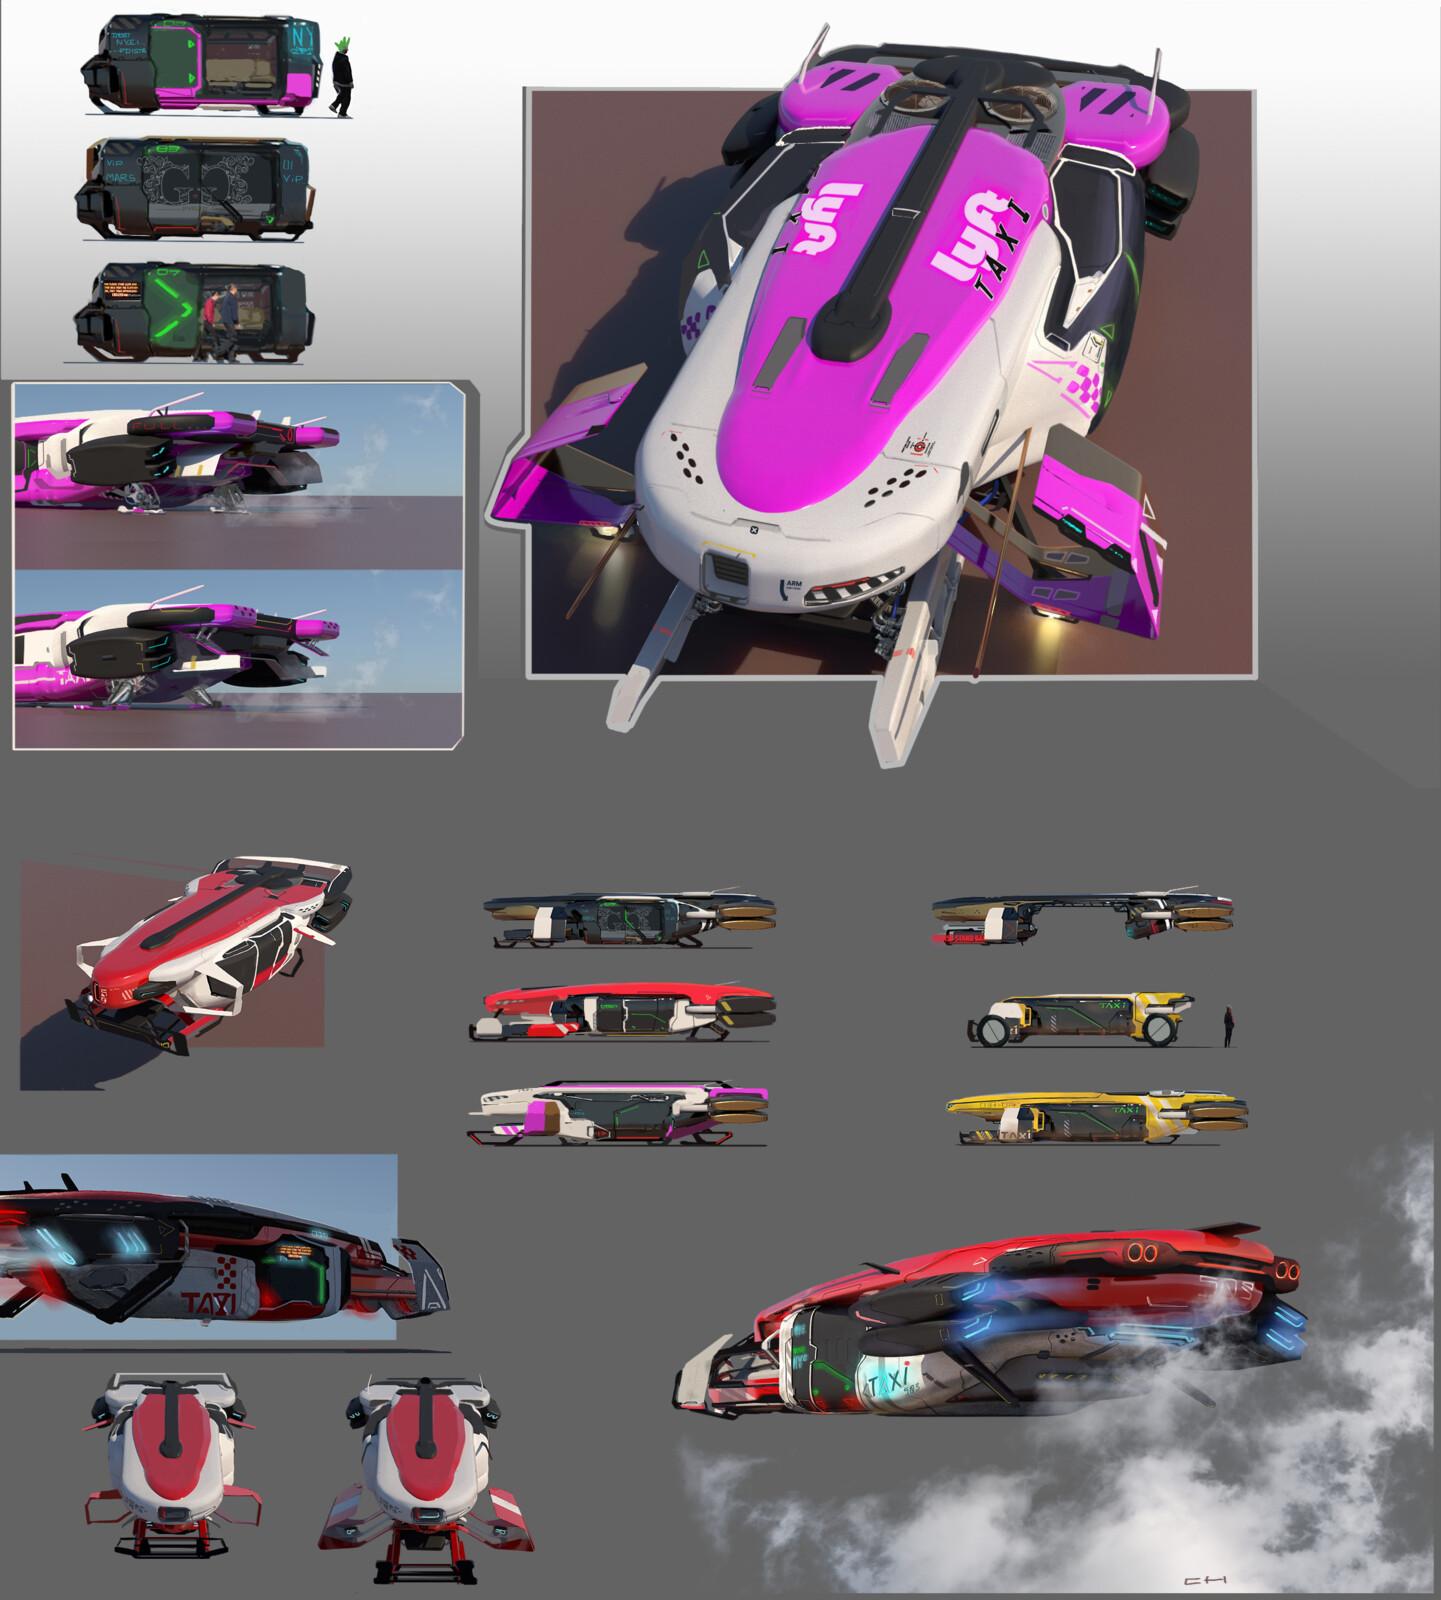 Taxi/Pod Transport Concepts